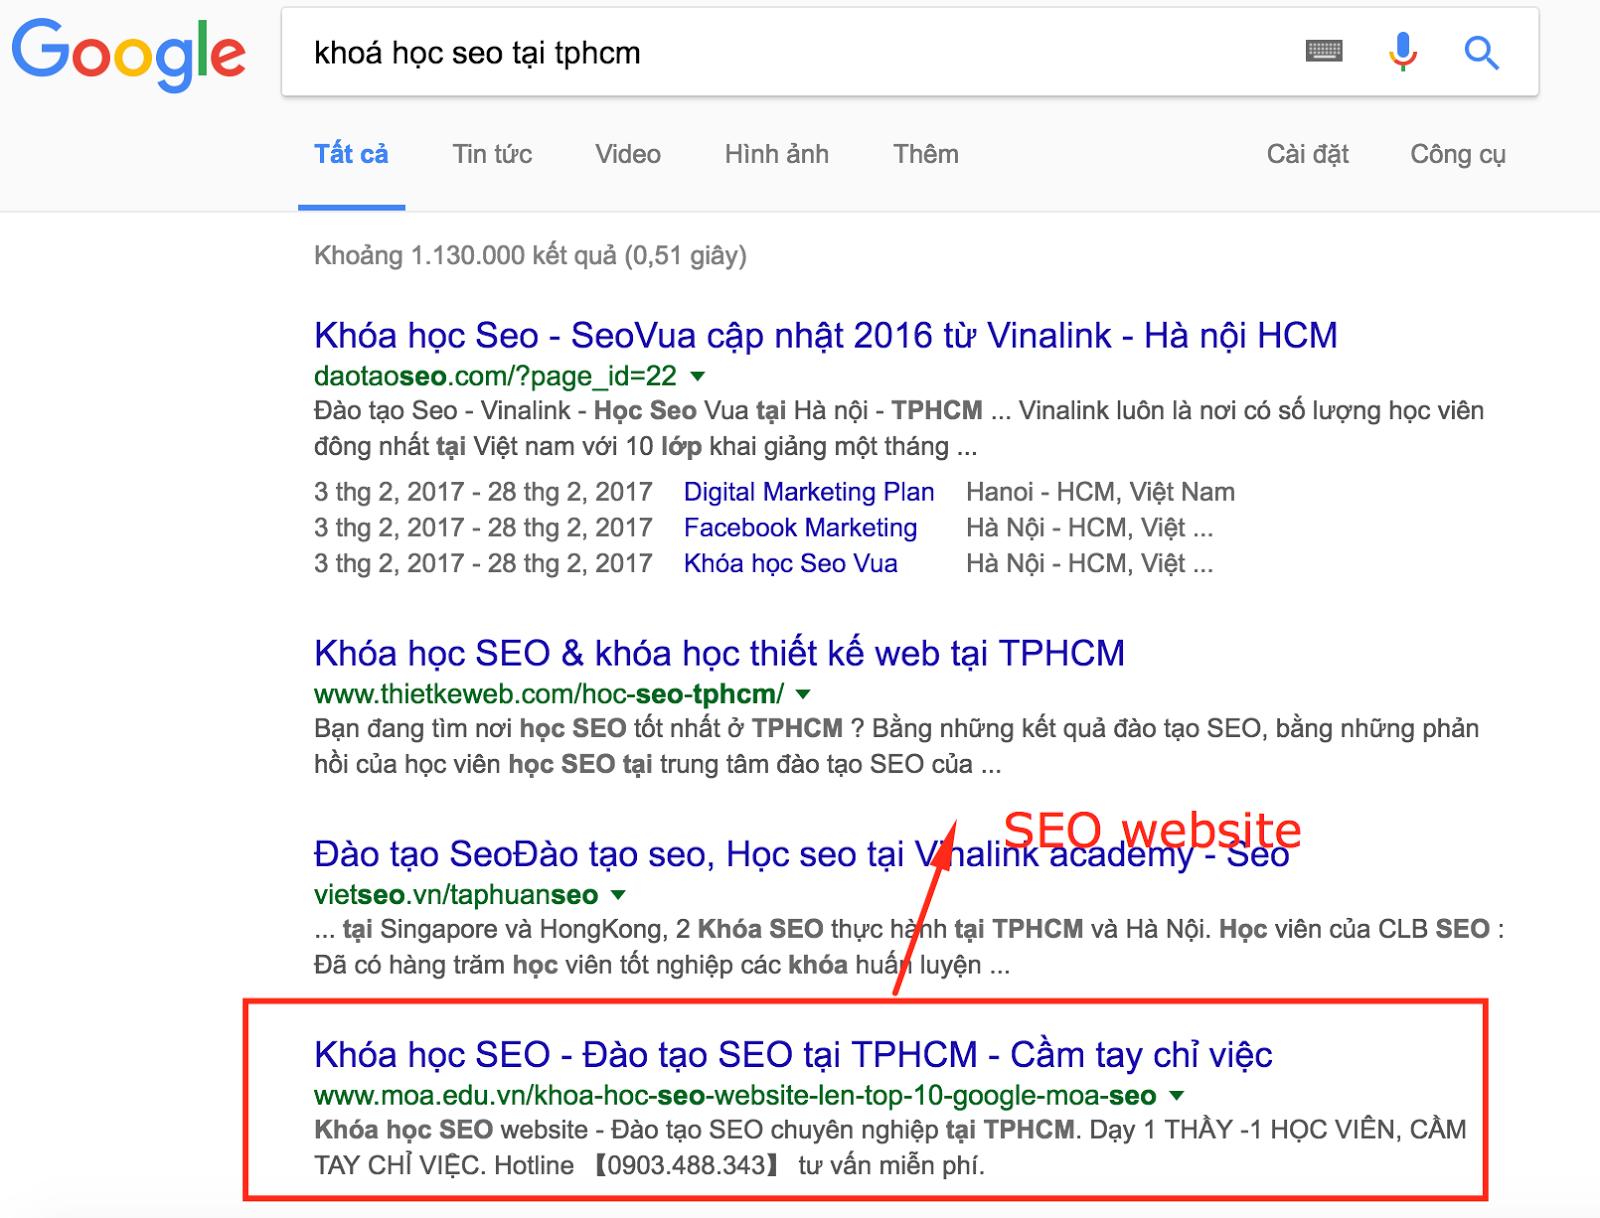 Google seo có lợi ích như thế nào